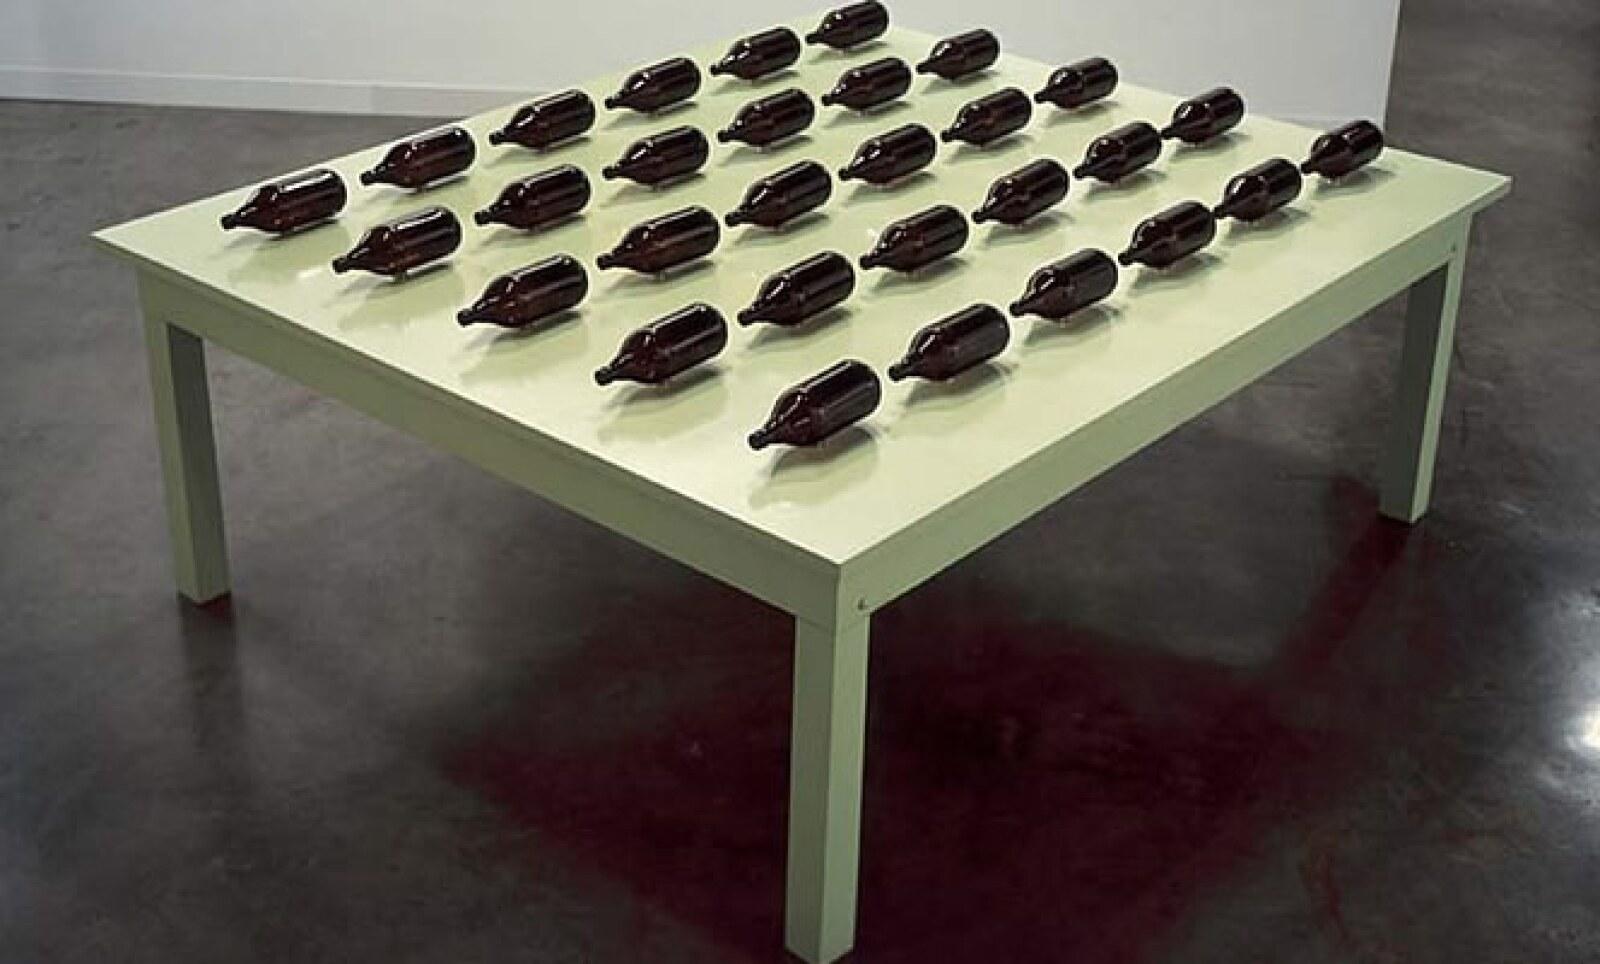 La obra de Rafael Lozano-Hemmer presenta a 30 botellas de vidrio sobre mesa de madera motorizada y controlada por algoritmos de simulacion neuronal.